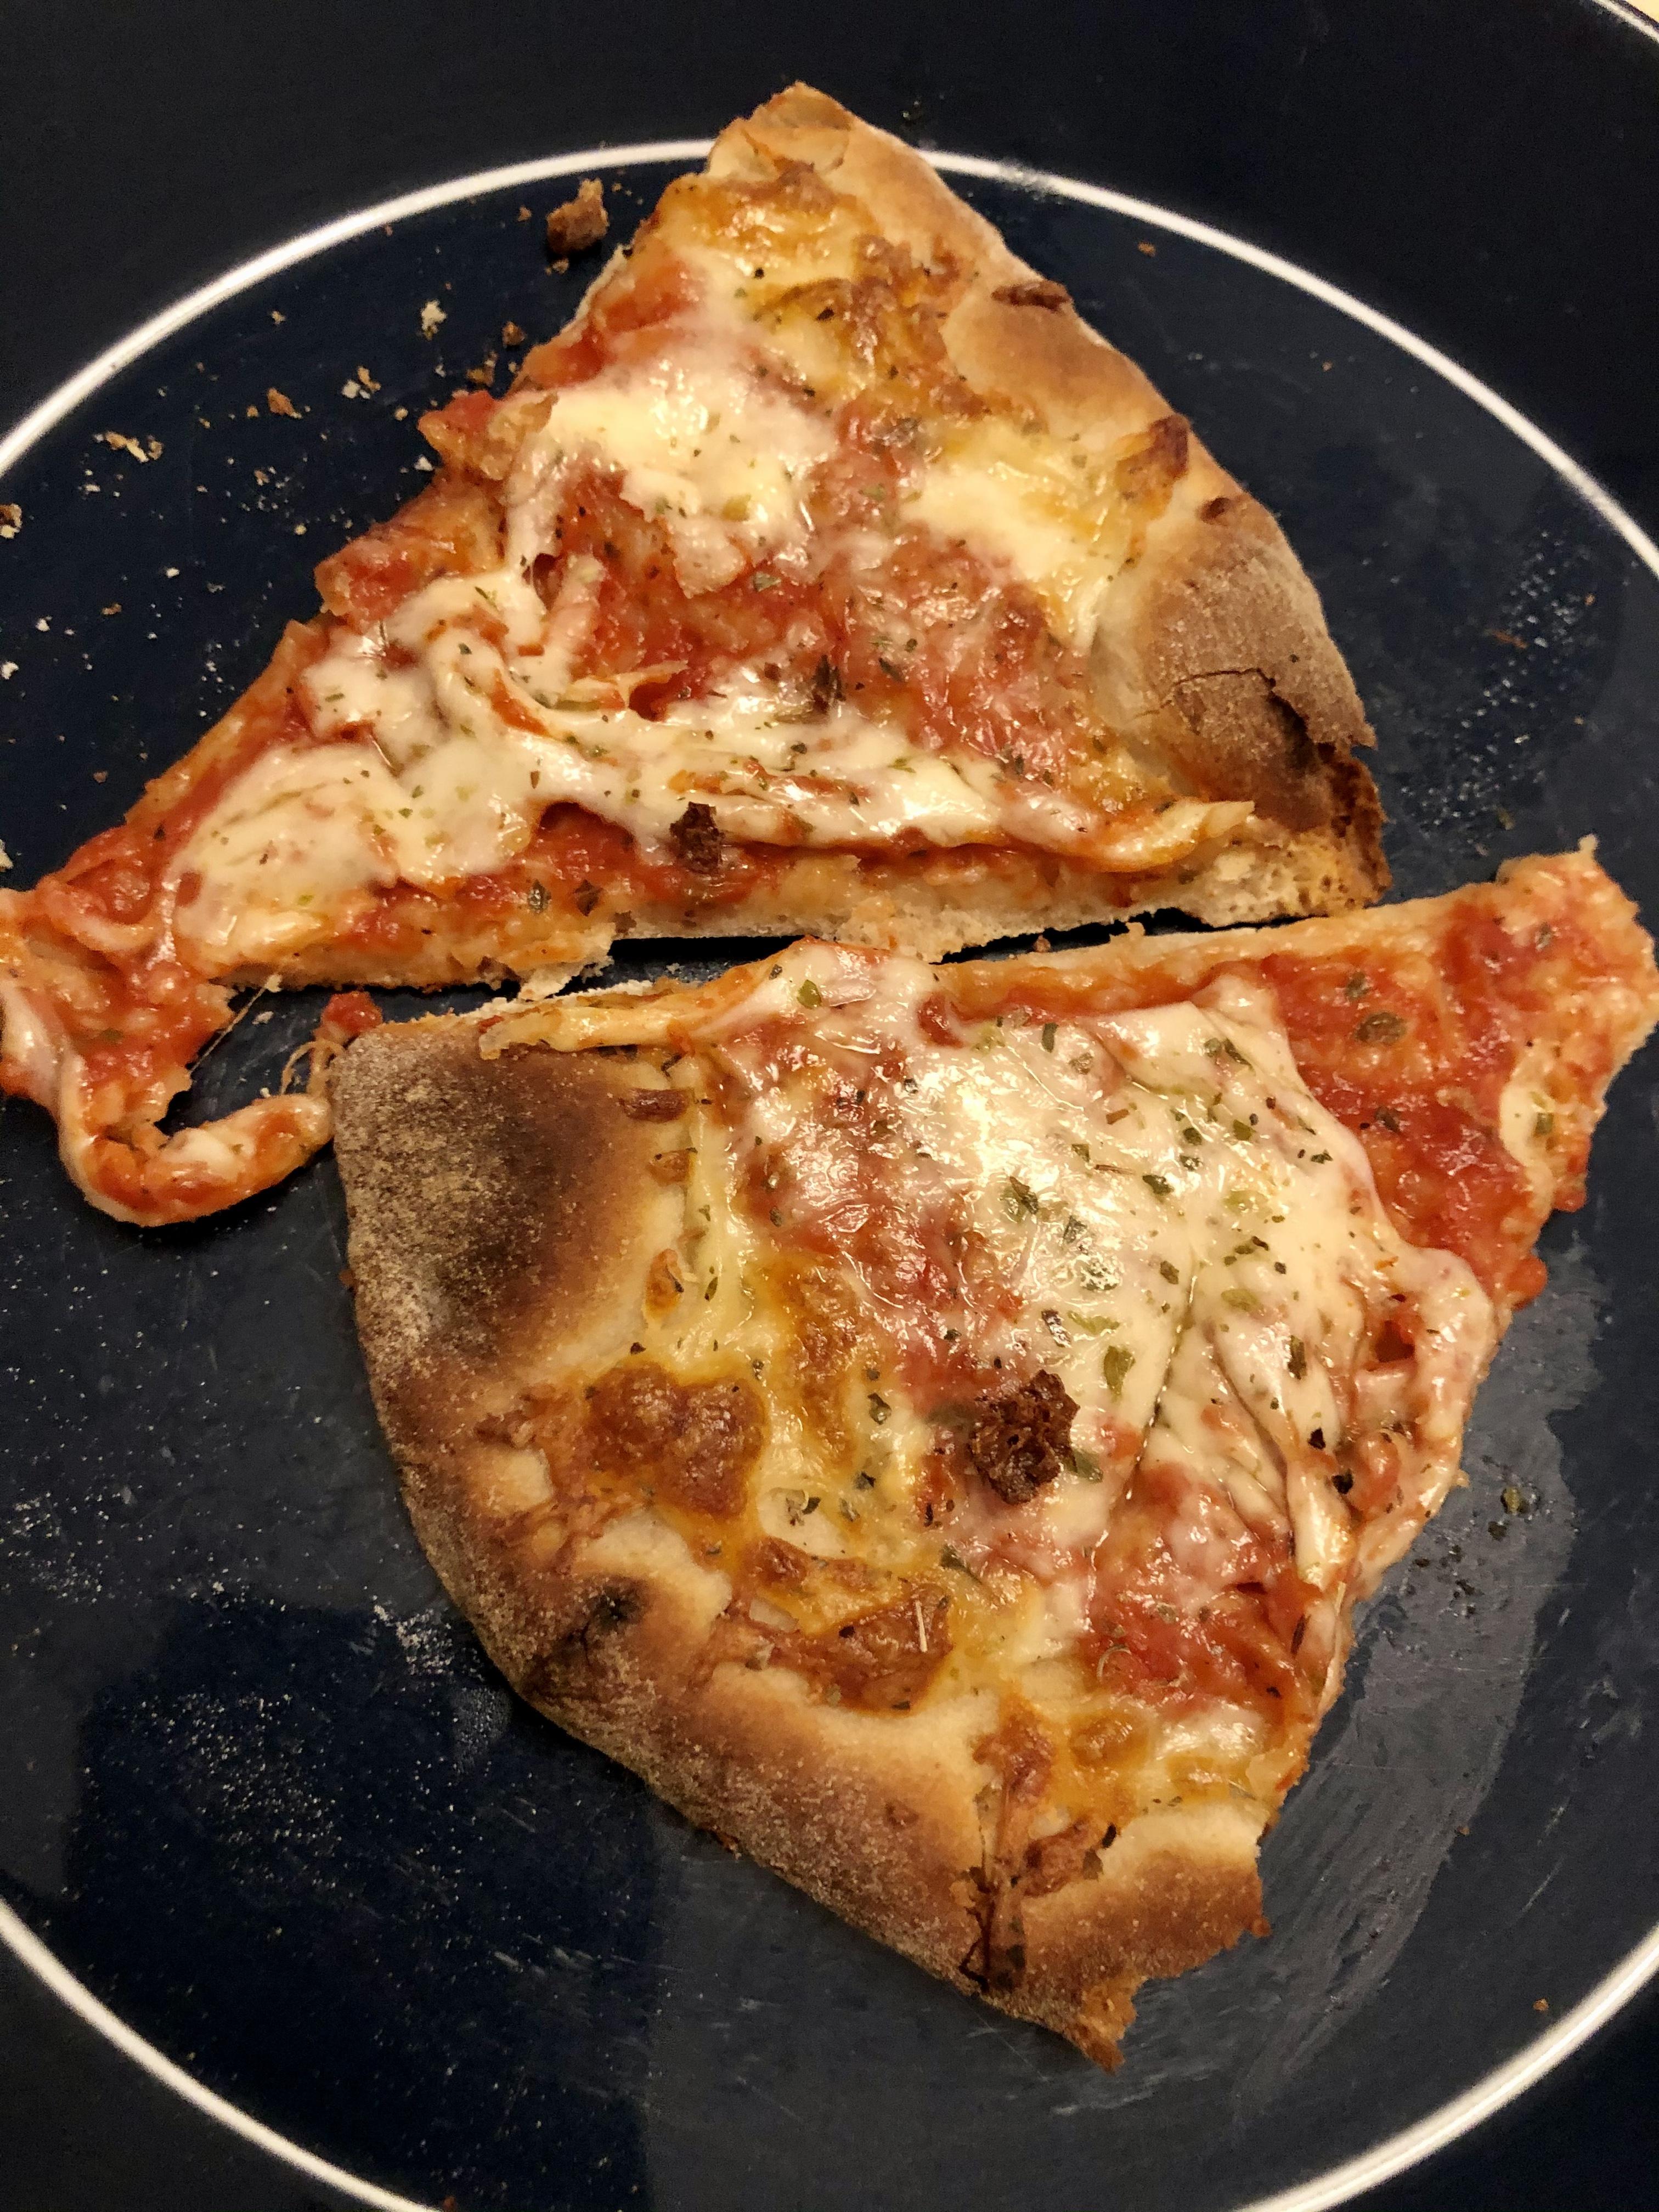 Pakastepizza margaritha